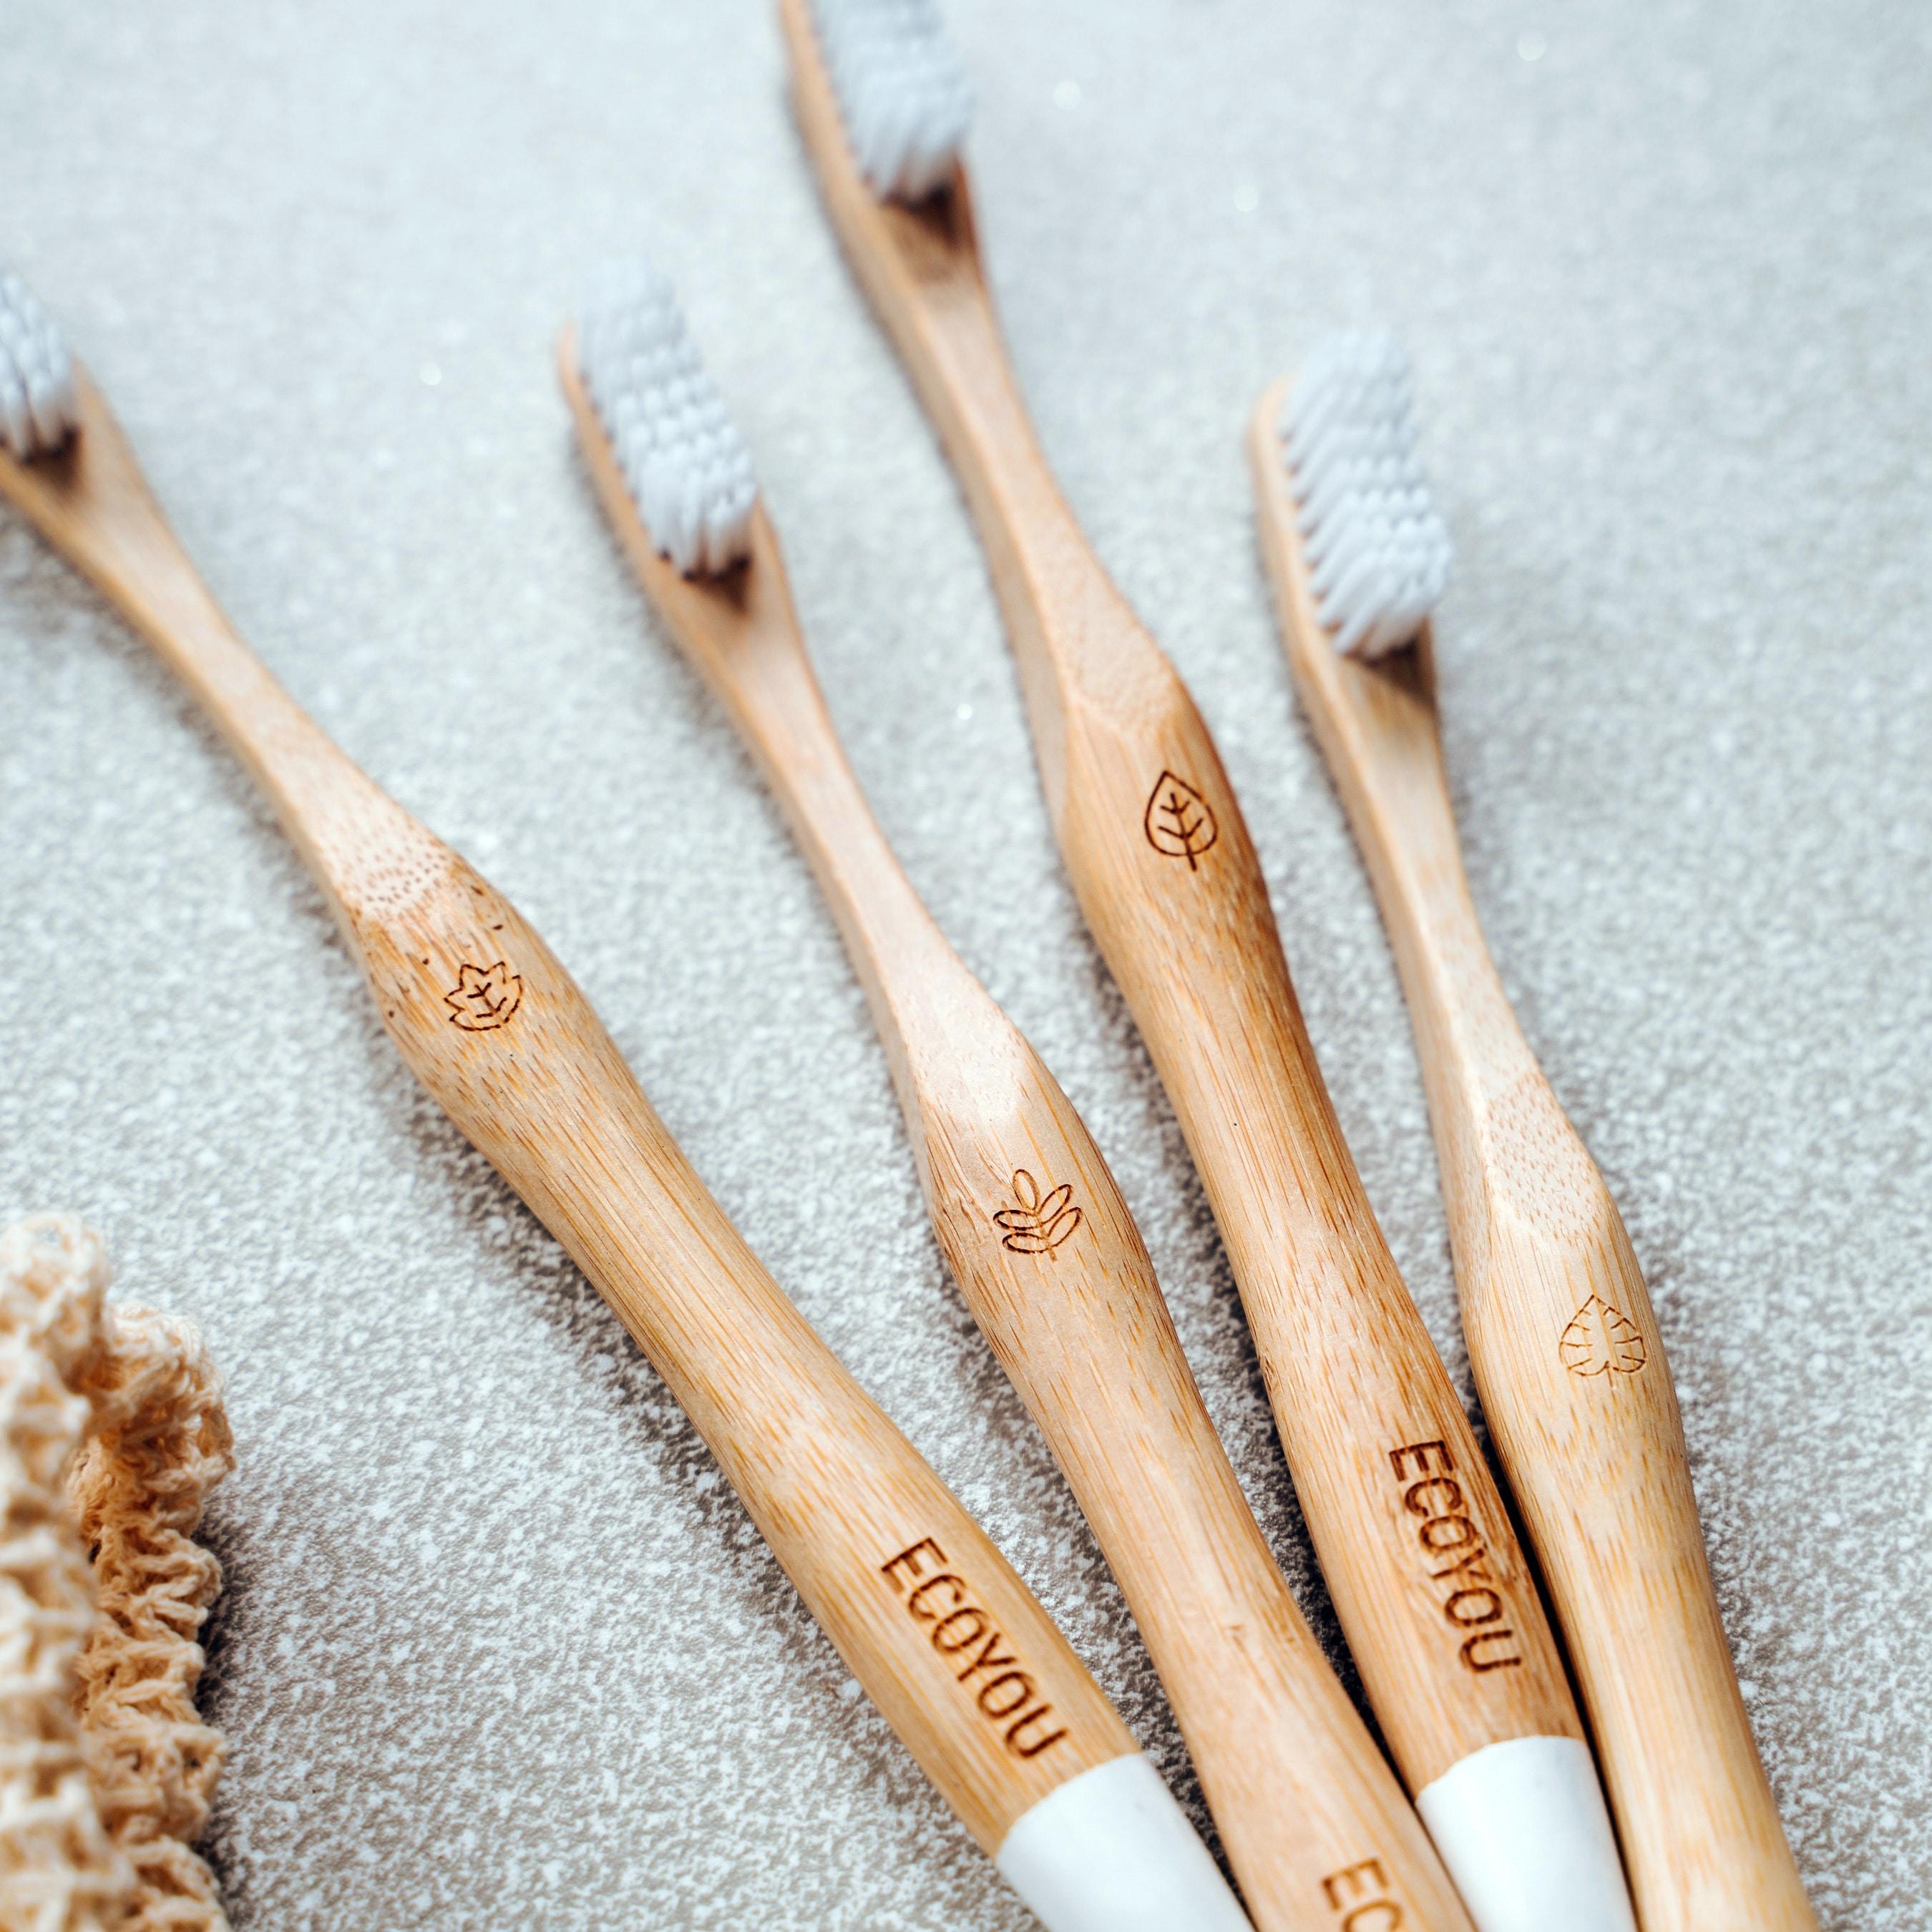 Bambus Zahnbürste von EcoYou Grundausstattung Zero Waste Müllfrei Nachhaltig